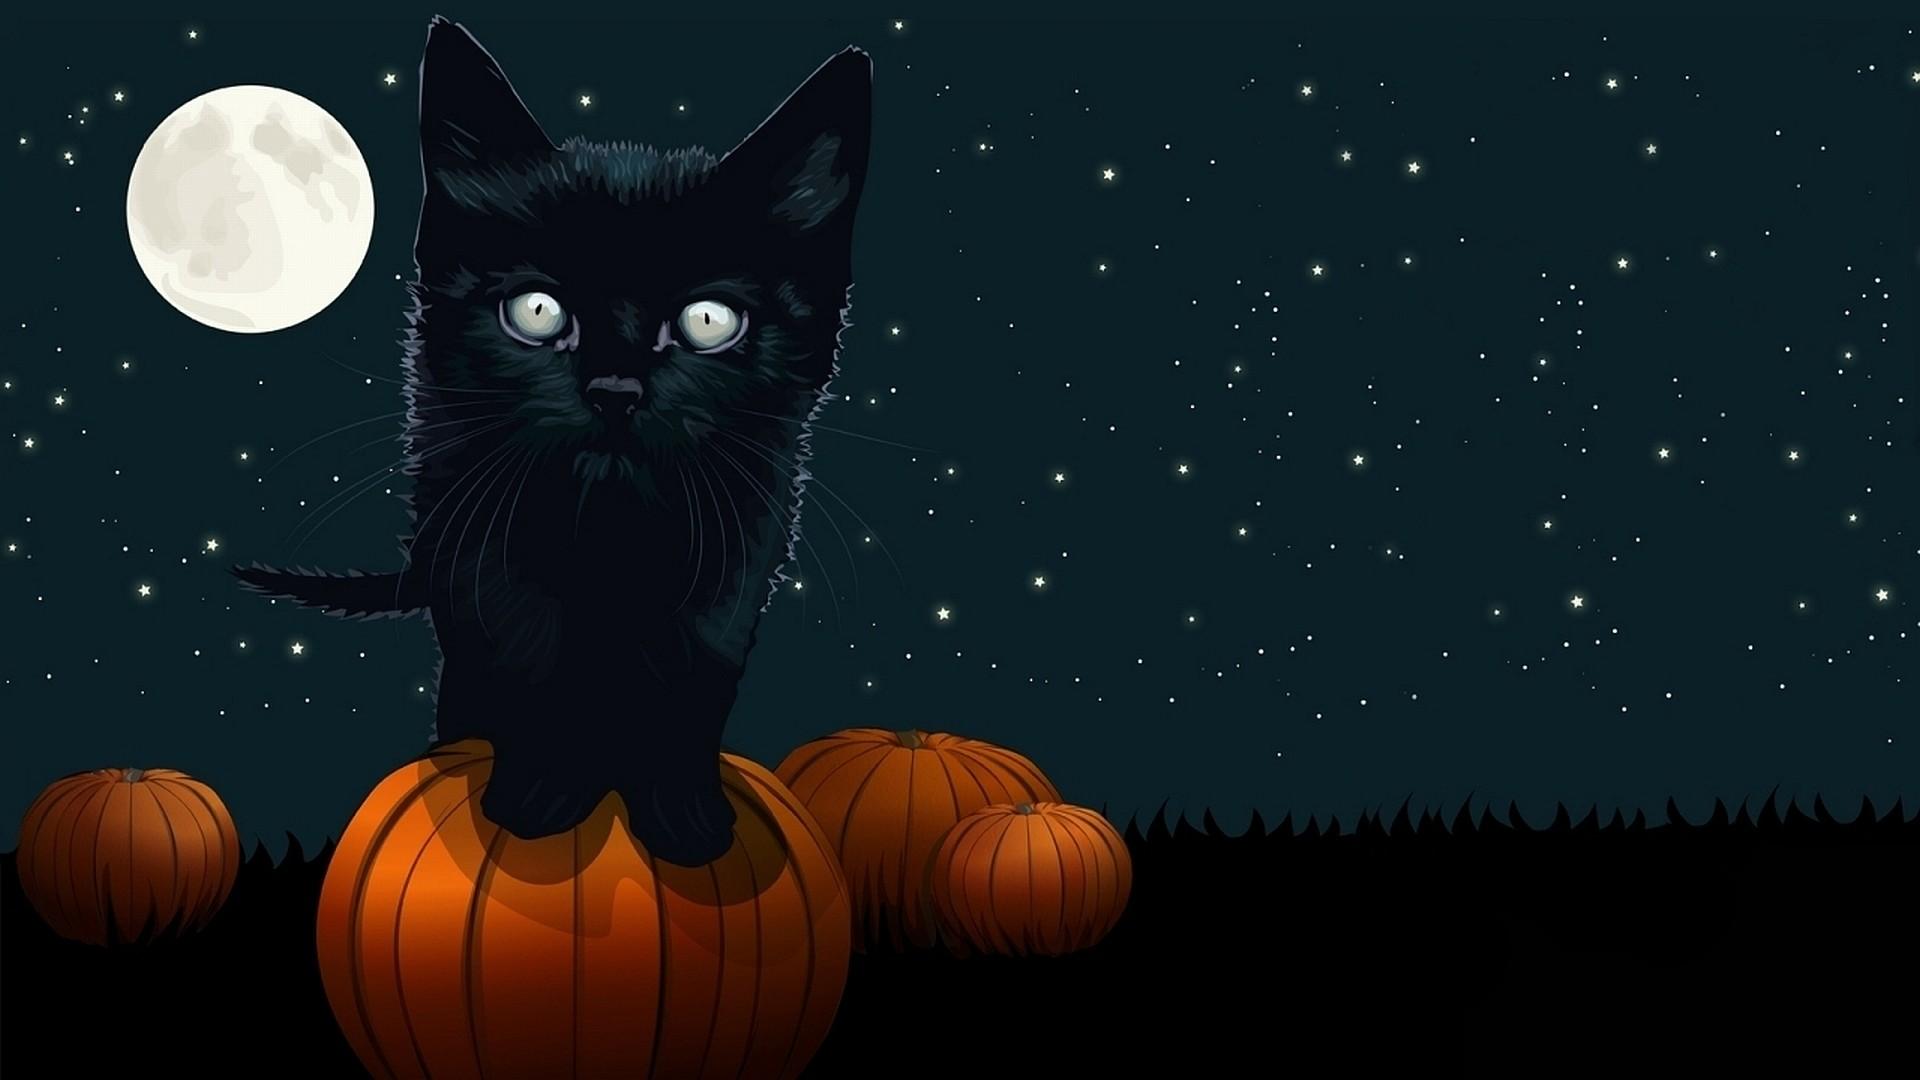 Cute Halloween Desktop Backgrounds 63 Images